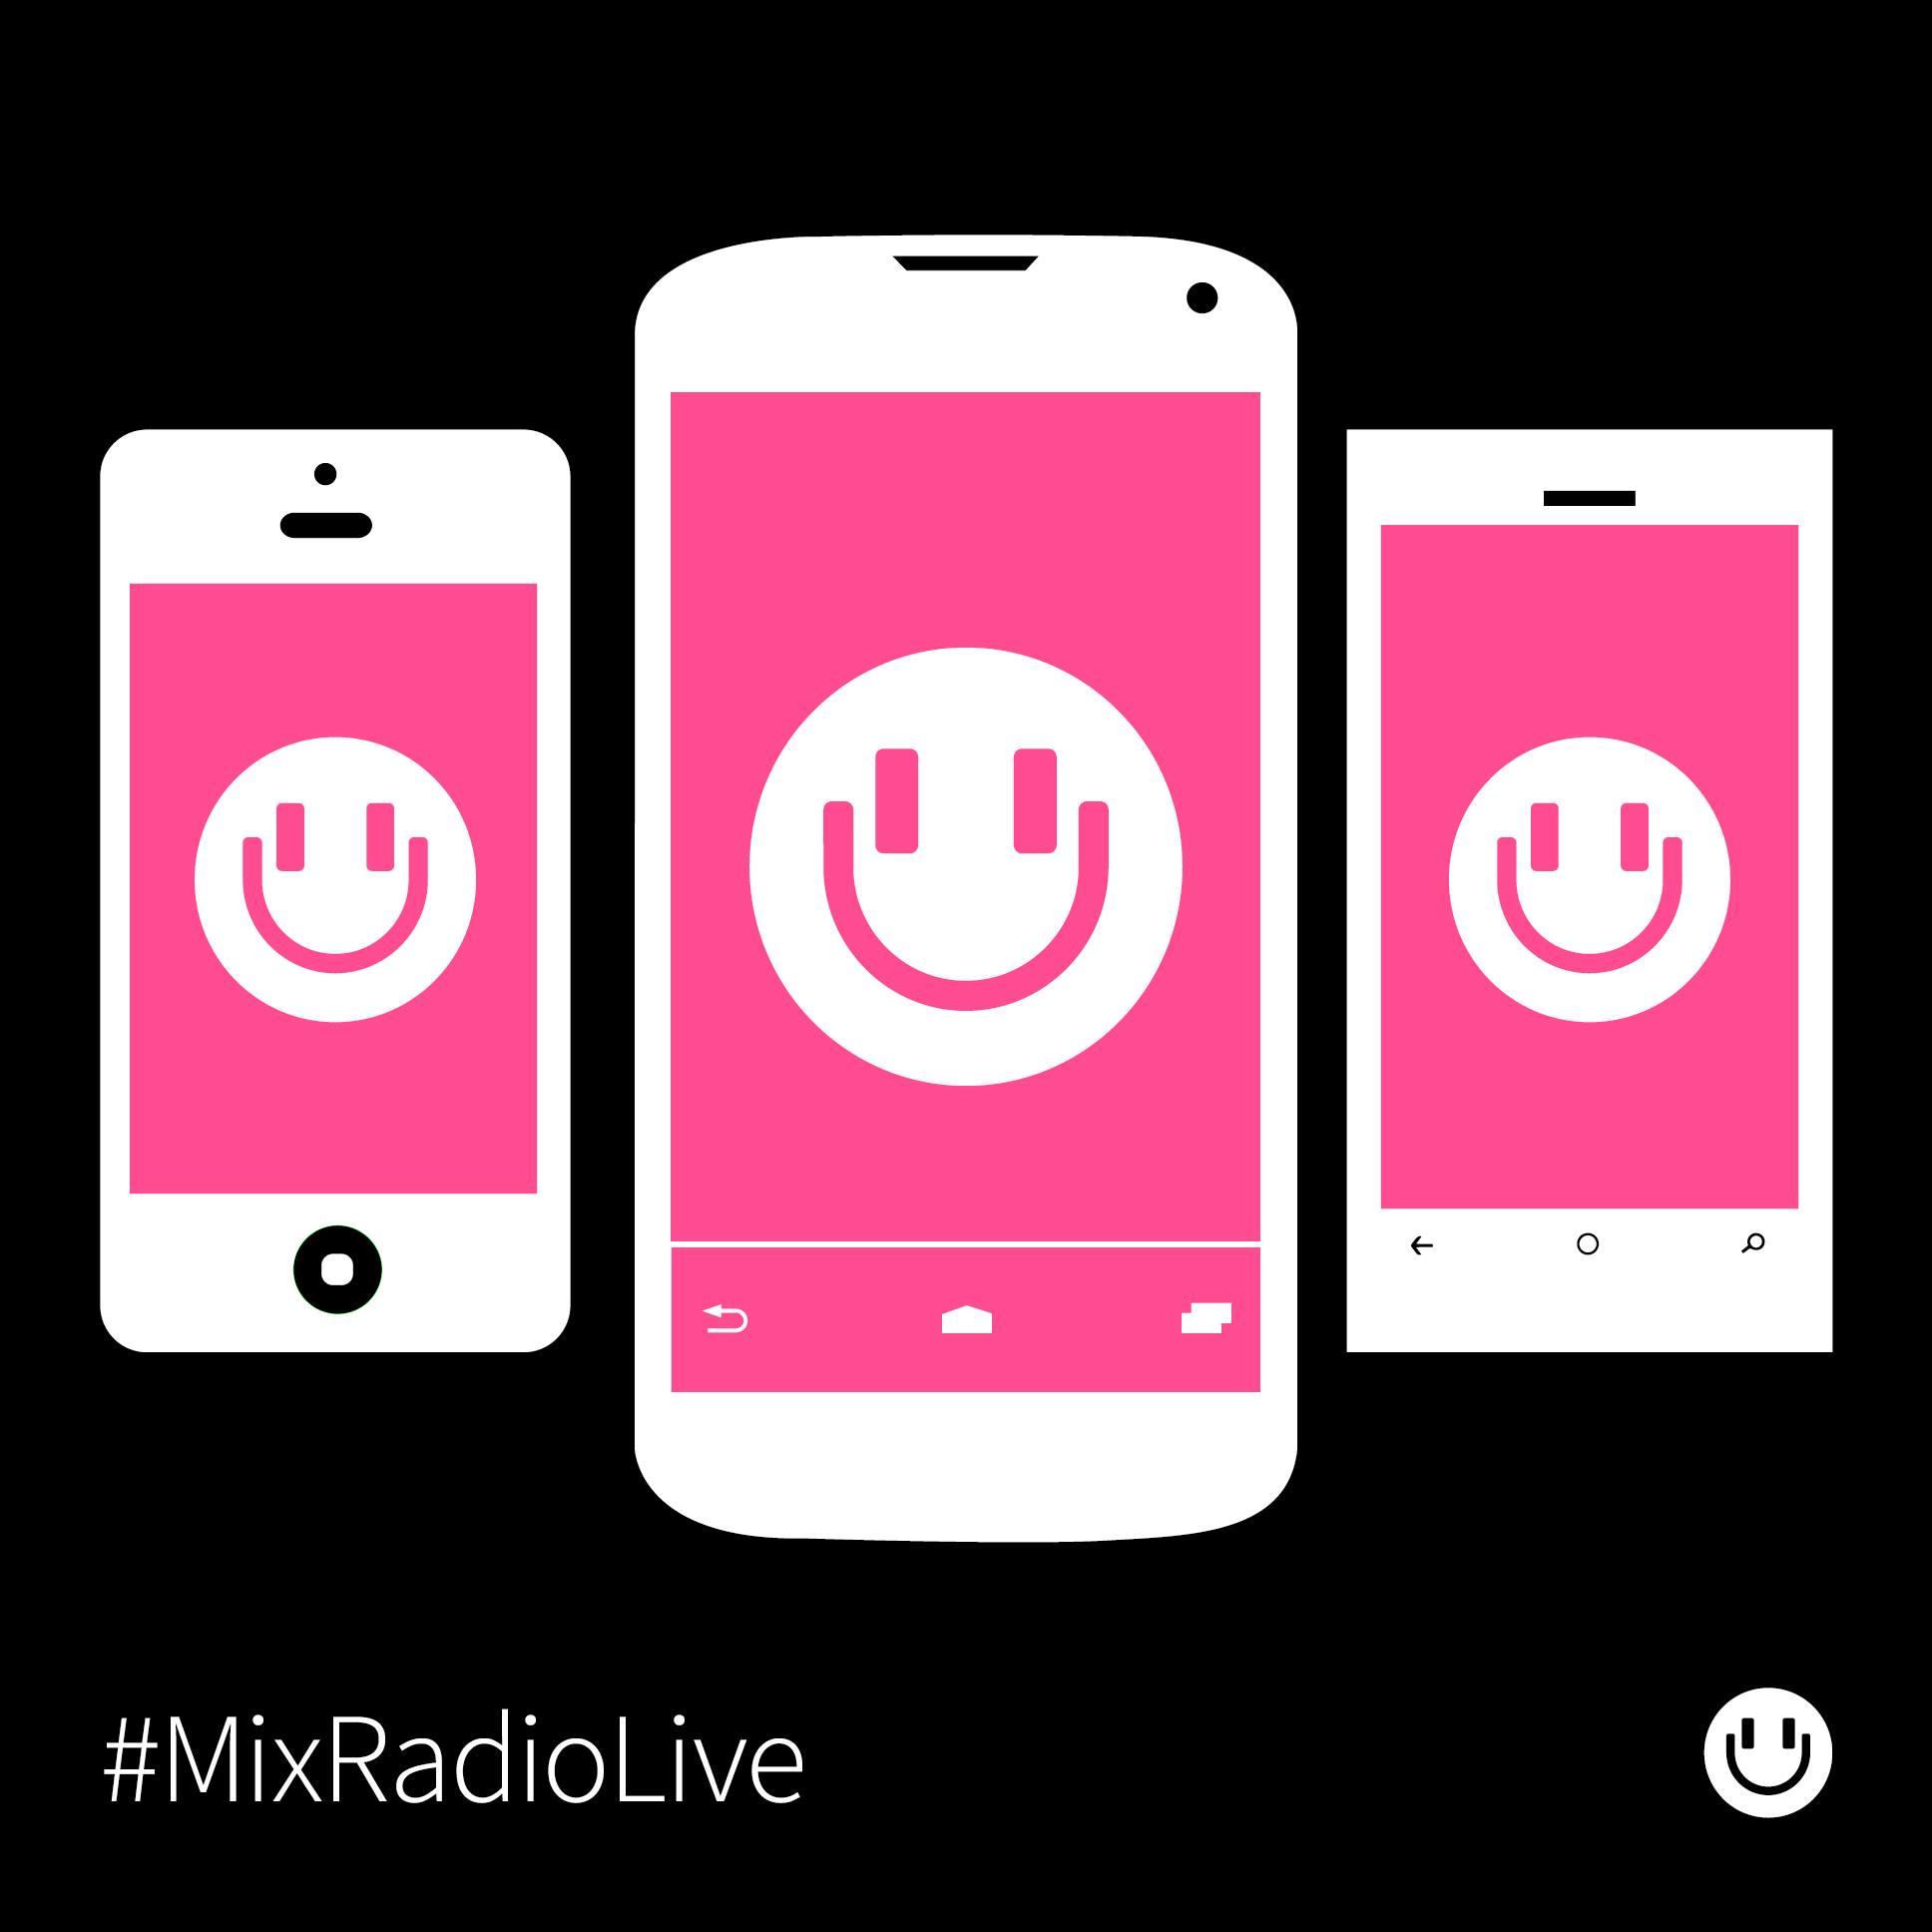 C'est désormais officiel, MixRadio est disponible sur Android